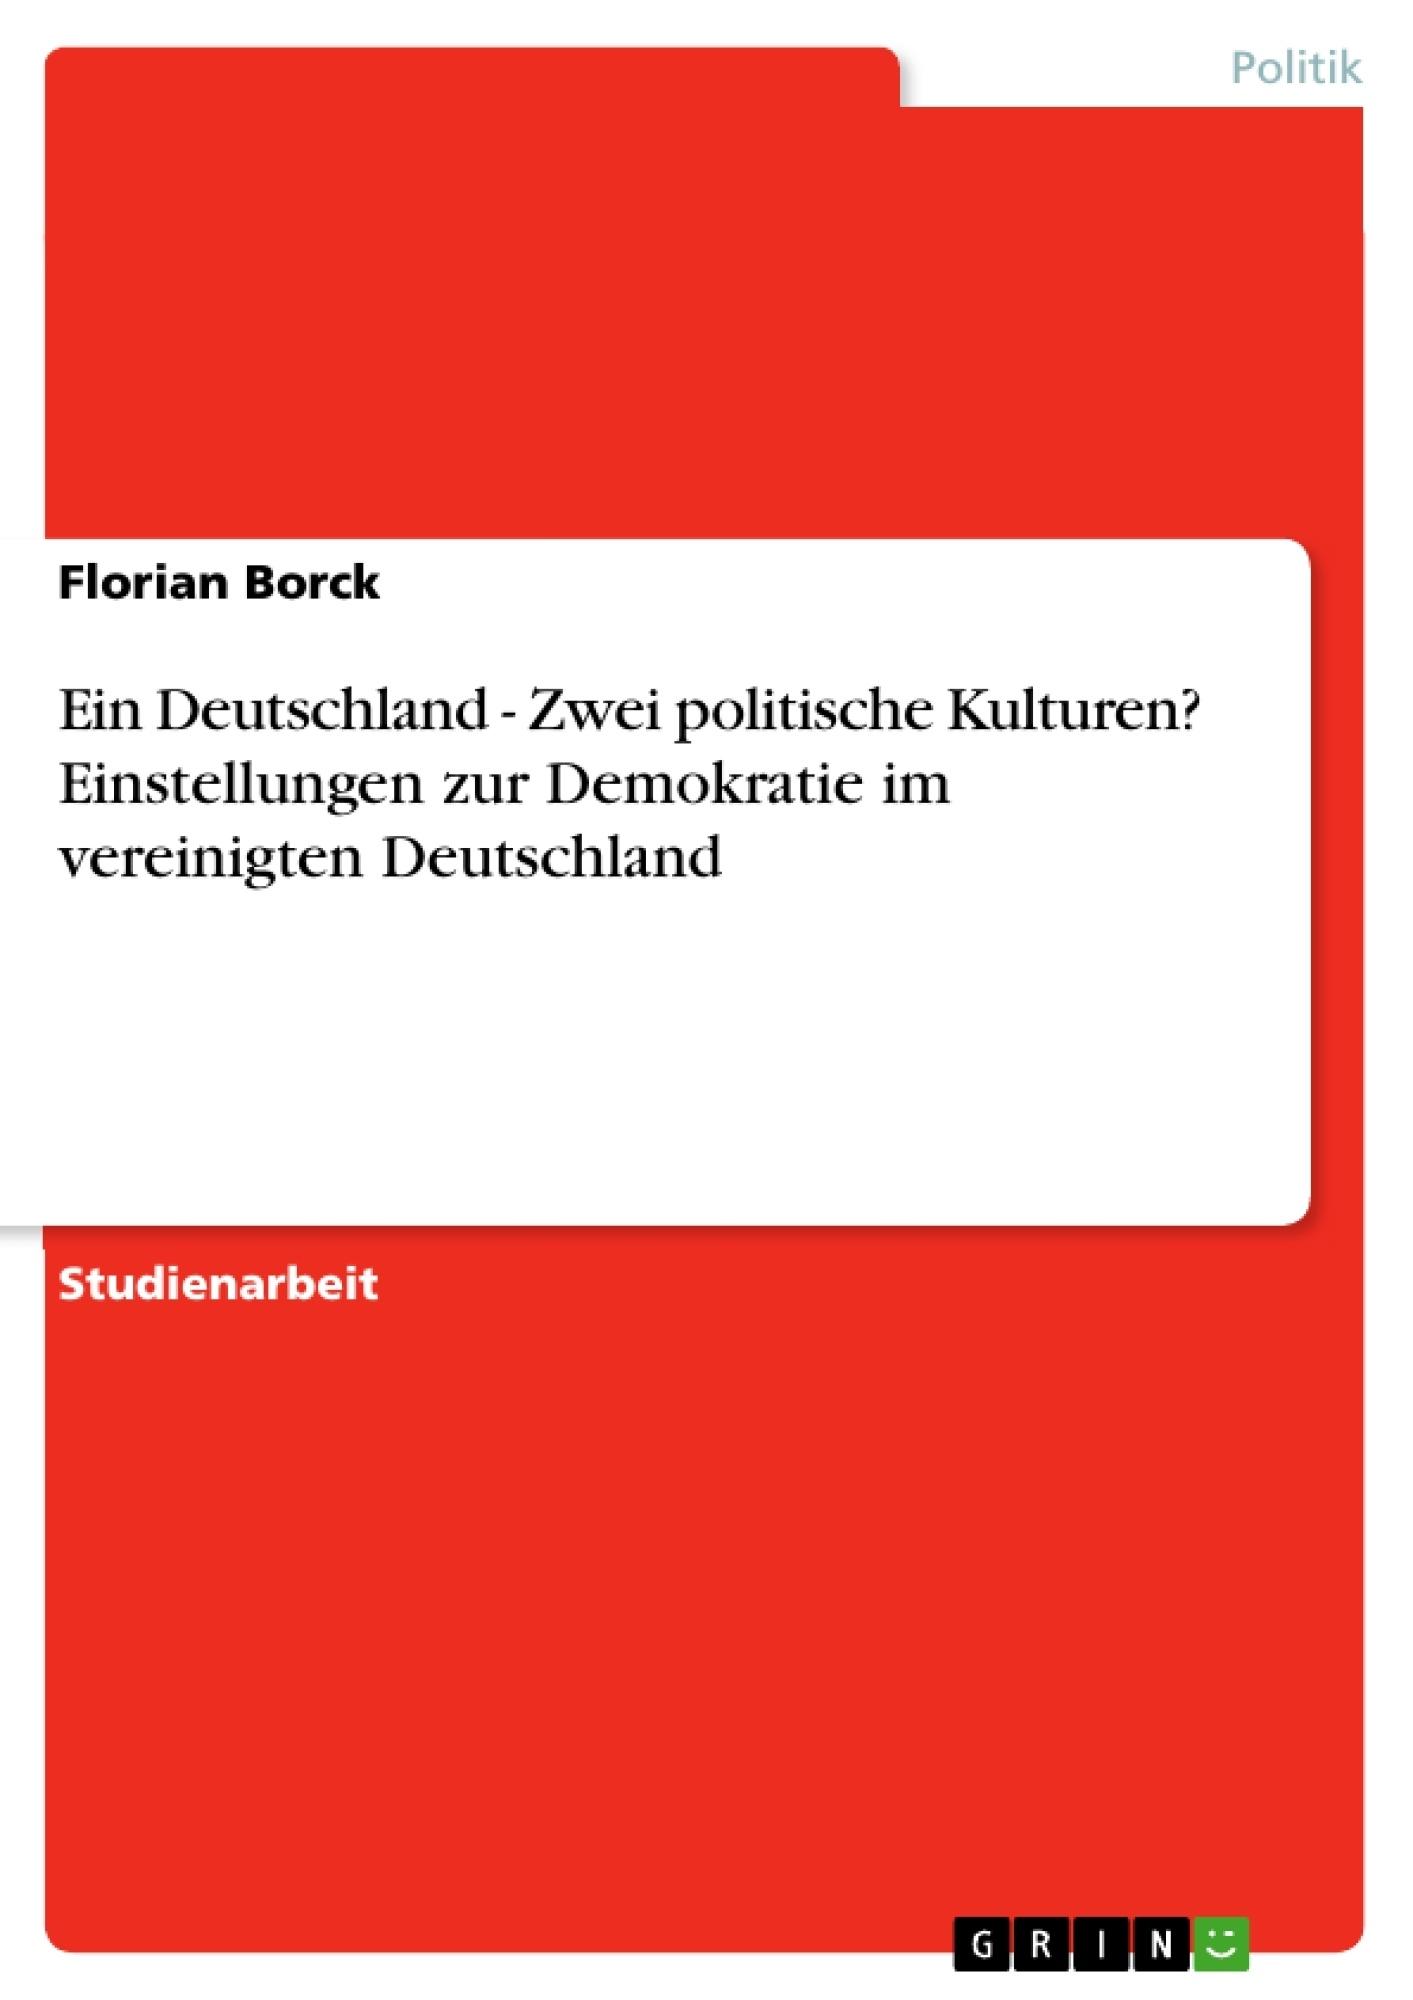 Titel: Ein Deutschland - Zwei politische Kulturen? Einstellungen zur Demokratie im vereinigten Deutschland